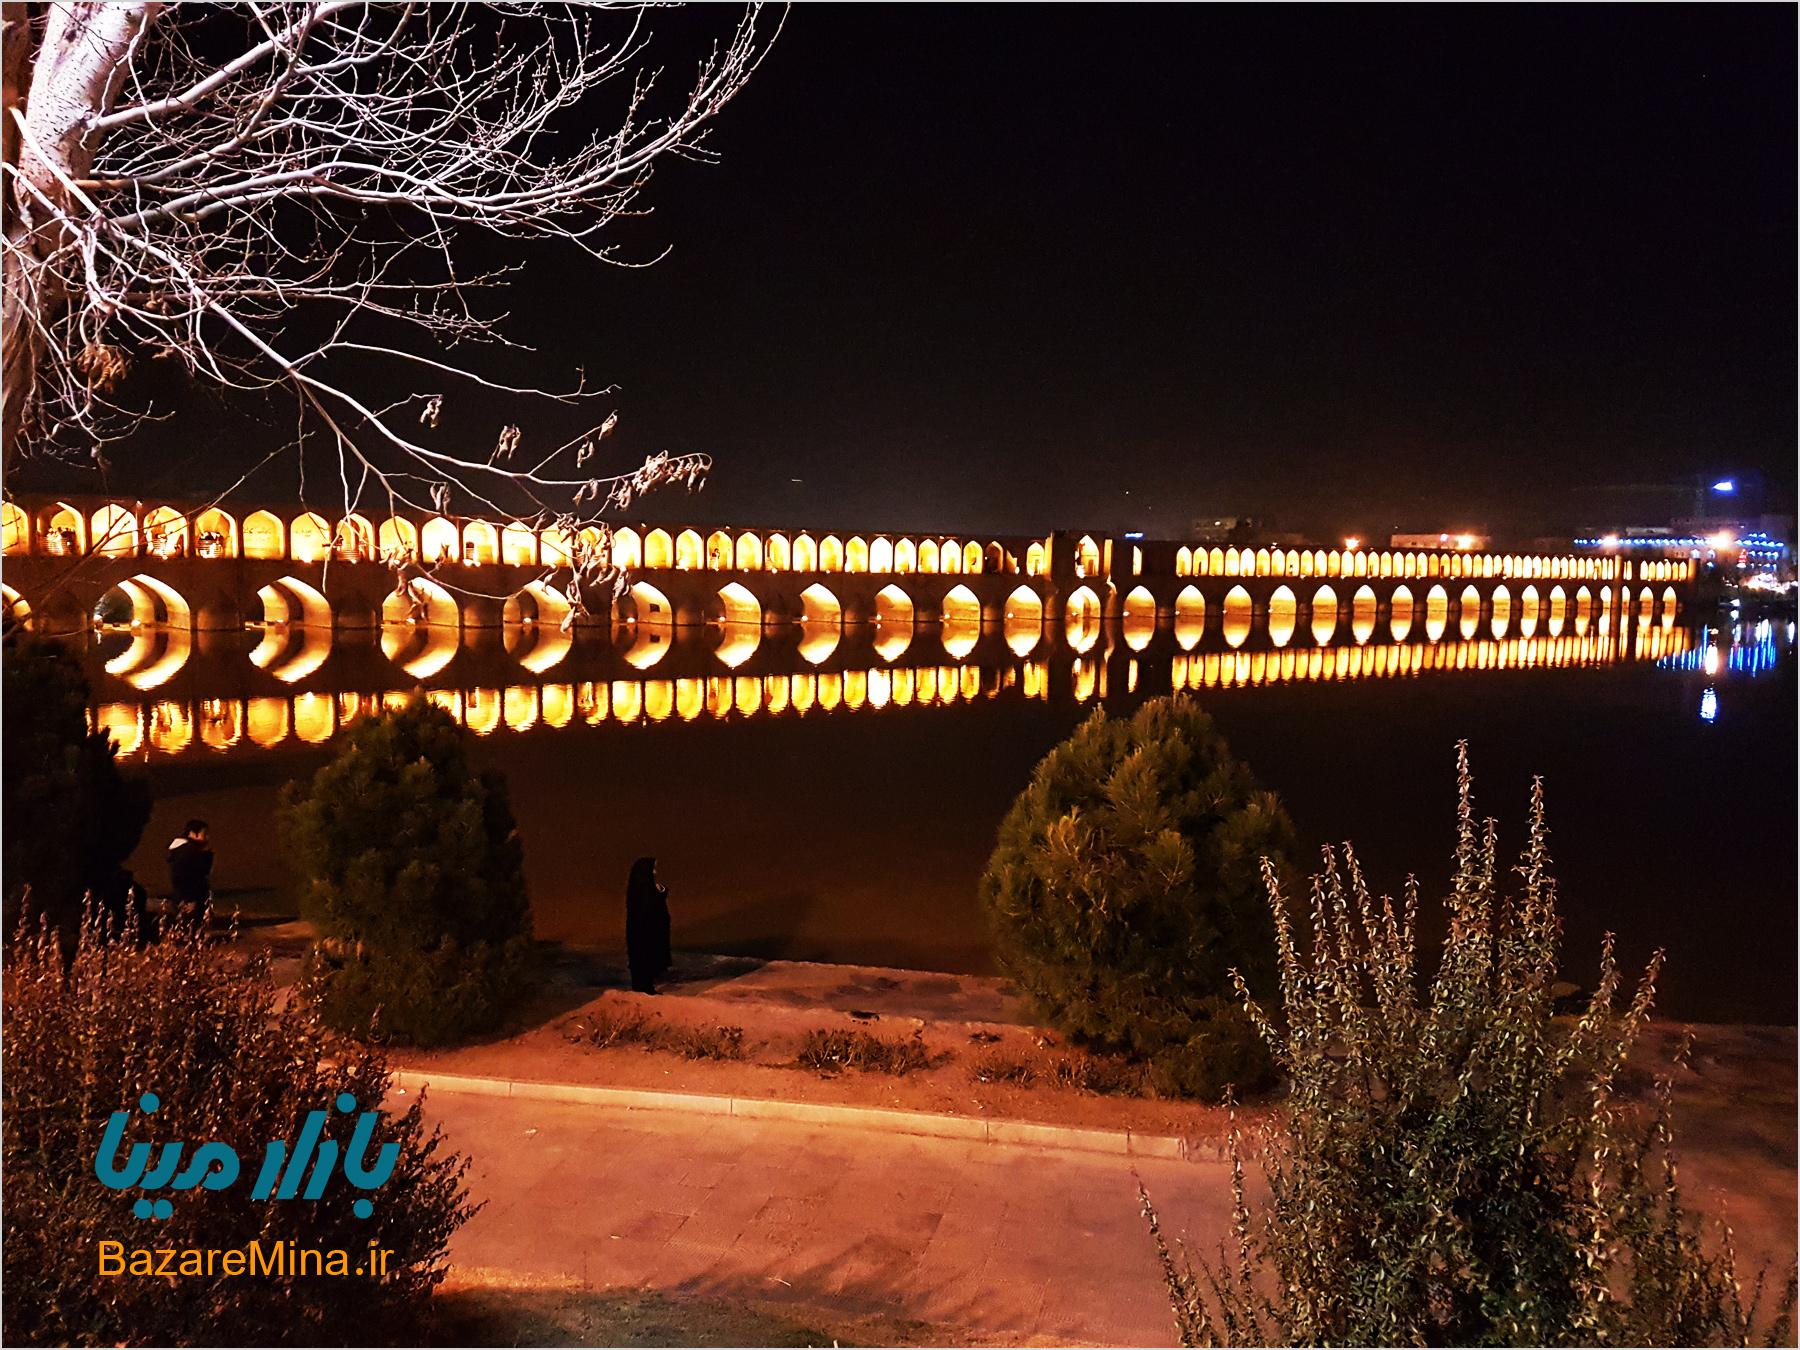 سی و سه پل در شب